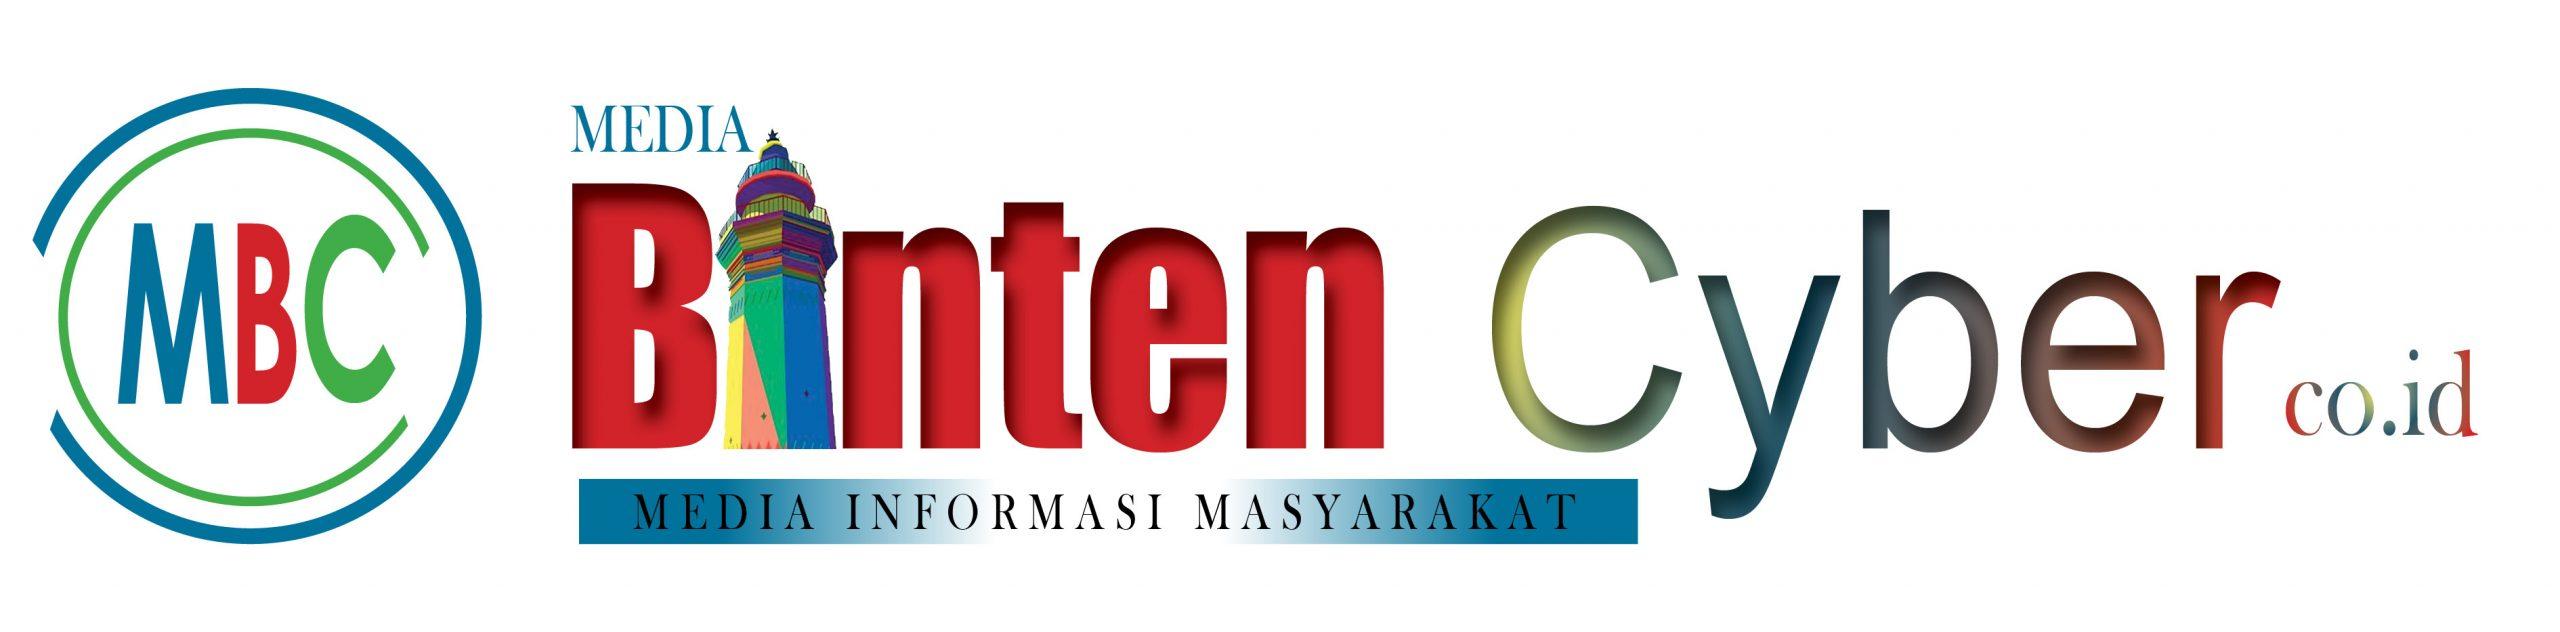 mediabantencyber.co.id